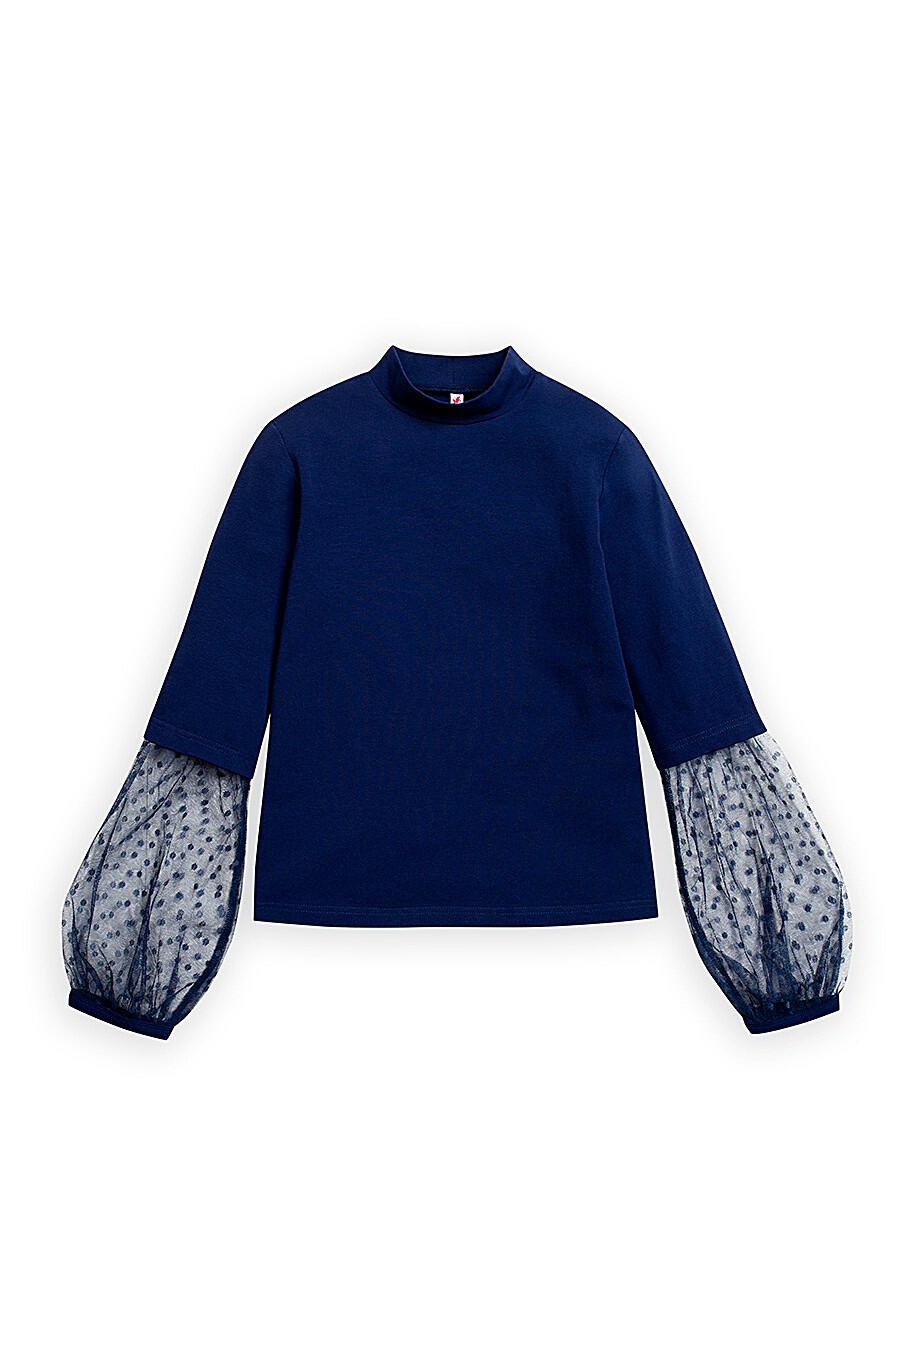 Водолазка для девочек PELICAN 218602 купить оптом от производителя. Совместная покупка детской одежды в OptMoyo